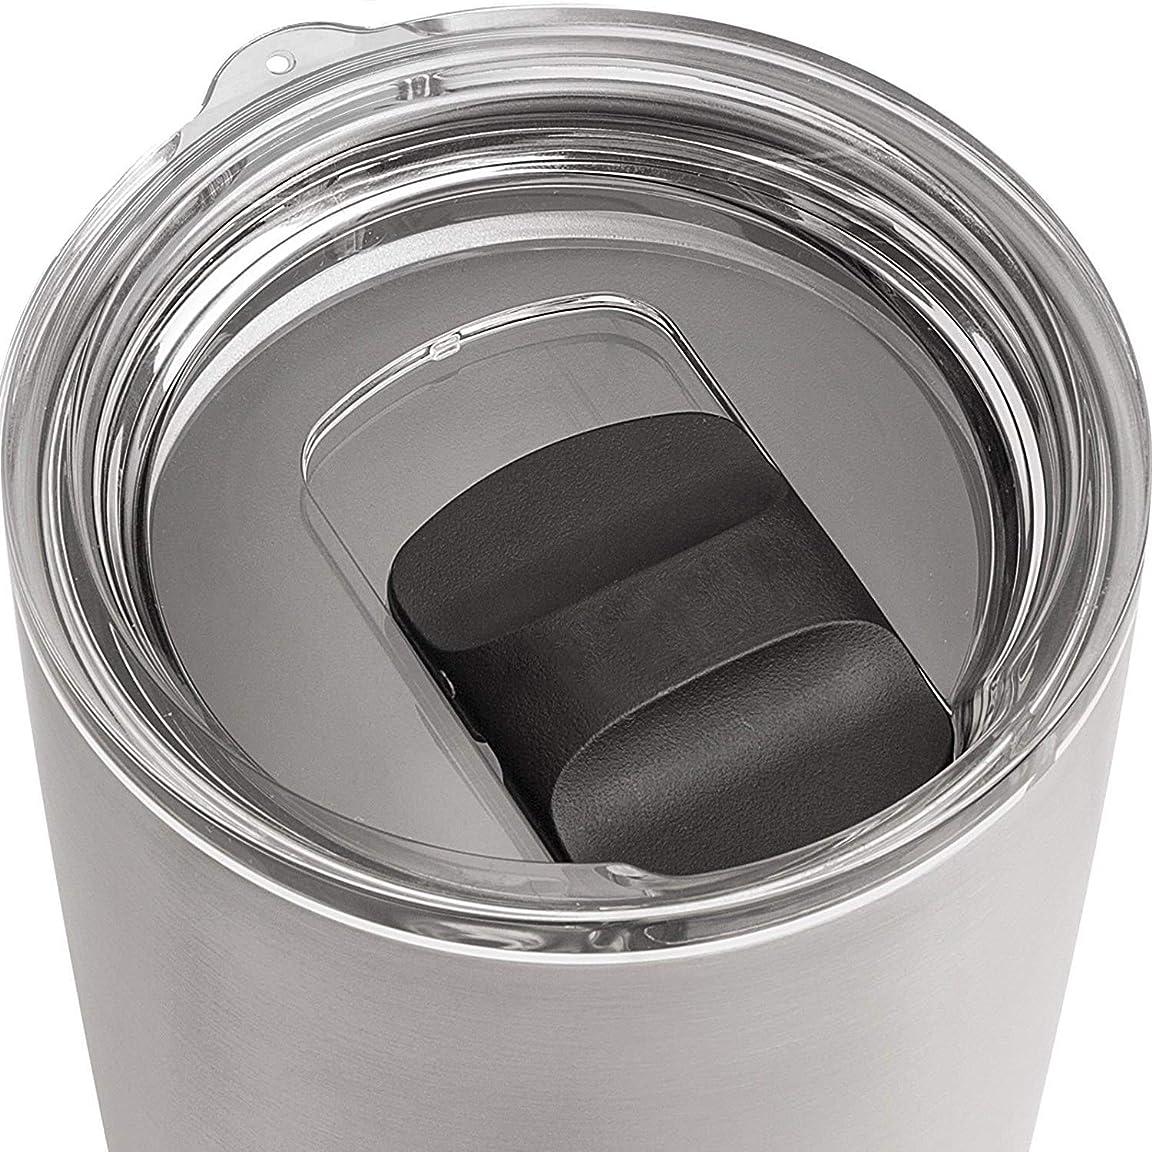 歩くモータートラクター(30, 10.0 Centimeters) - ORWELL 890ml and 590ml magslider Tumbler Lids Fits for YETI Rambler, Ozark Trail, Rtic BPA Free SHATTER-RESISTANT Spill-Resistant Dishwasher Safe Lids Covers for Tumblers Cups